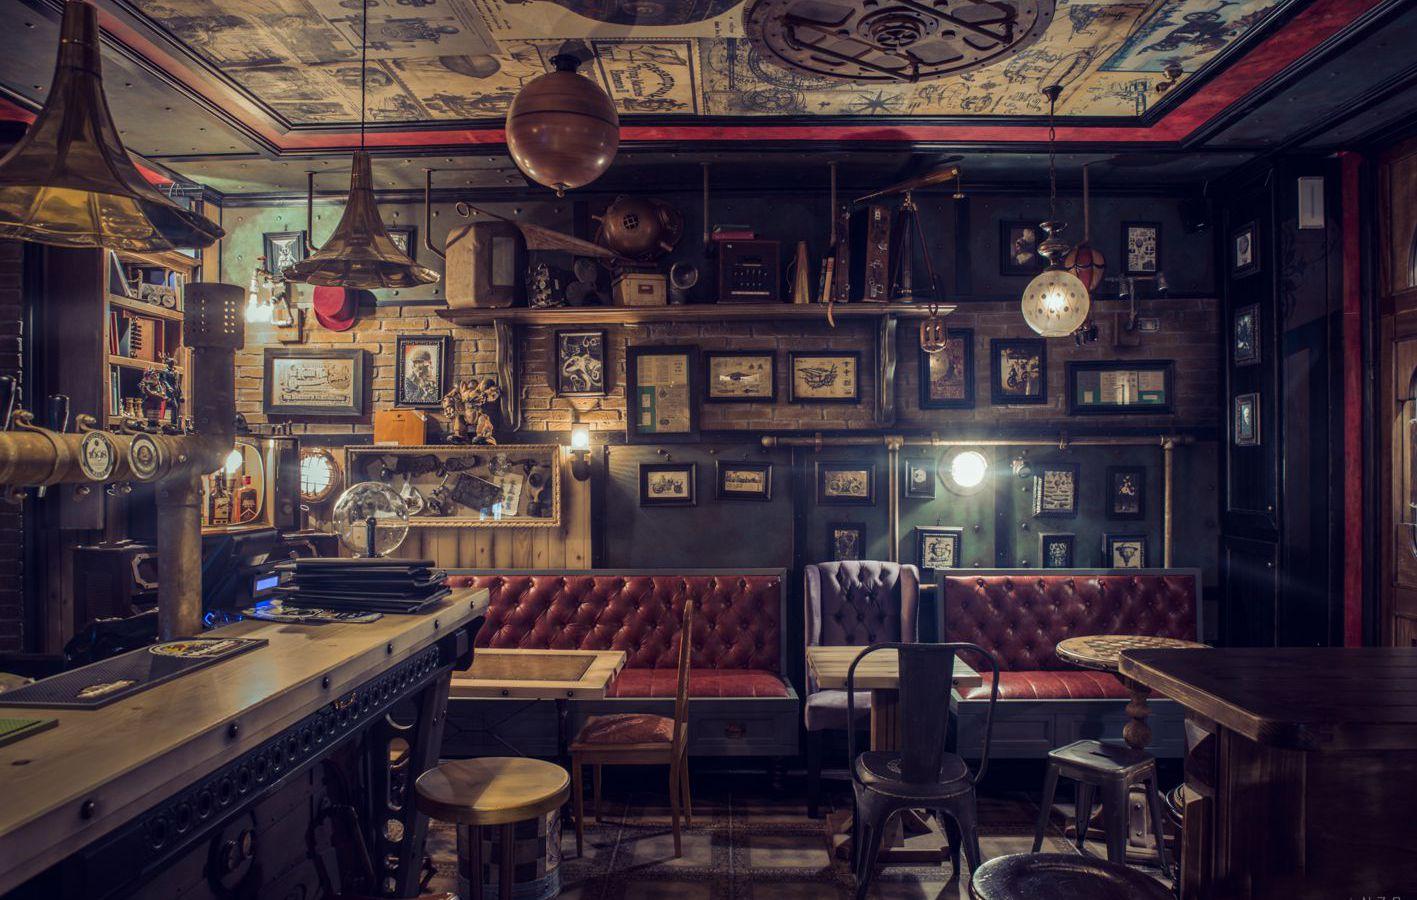 Steampunk archivi arredamento per pub realizzazione di locali in stile for Pub arredamento